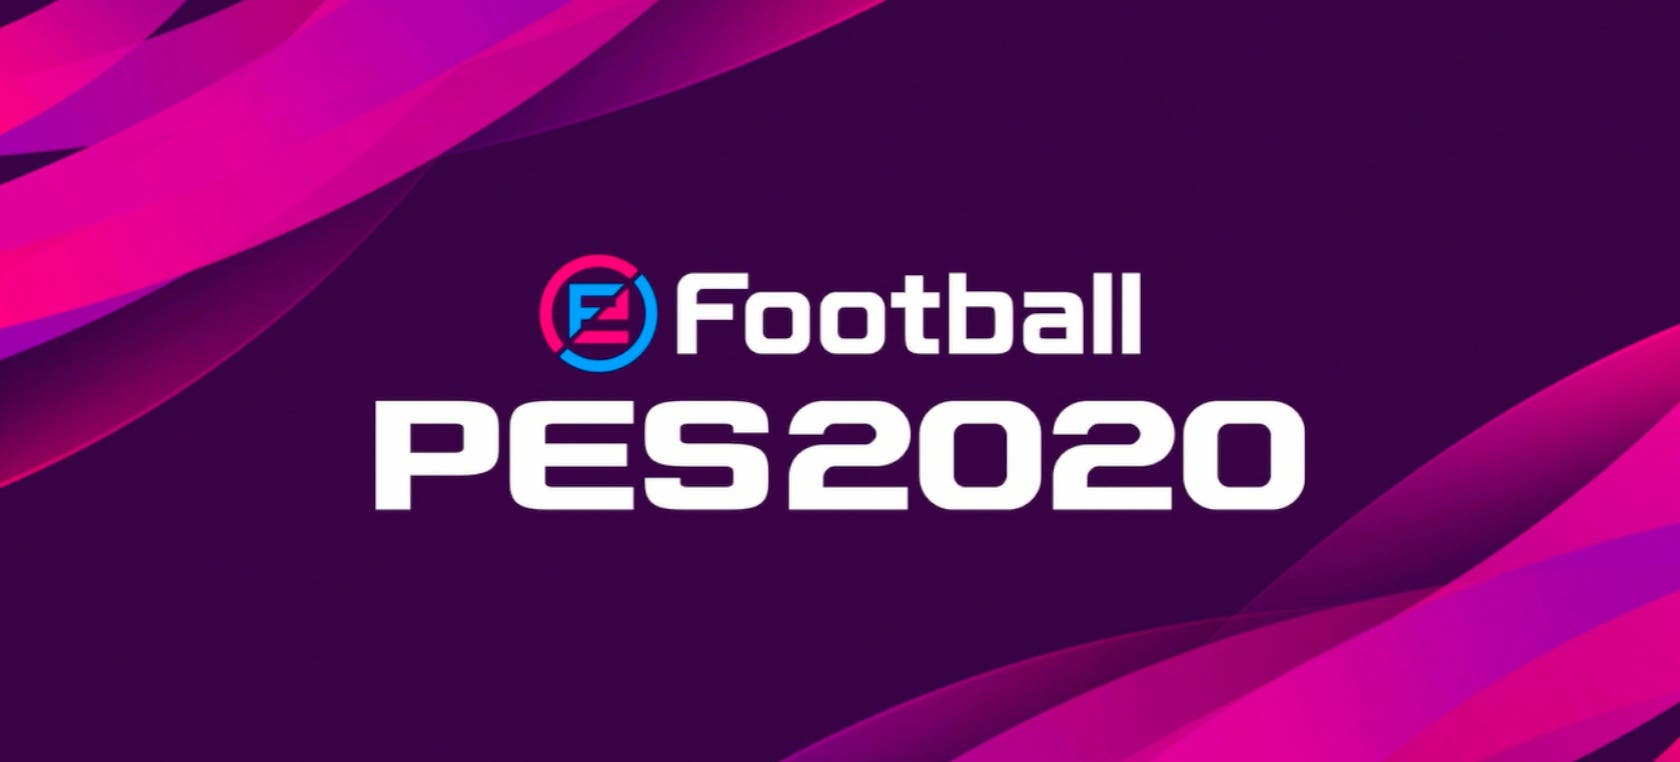 Duelo de selecciones nacionales de eFootball PES 2020 entre España y Polonia 12